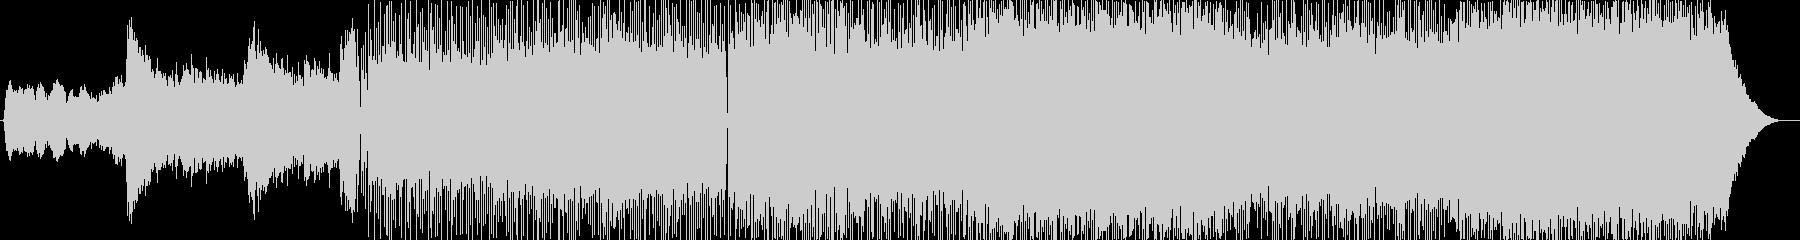 バトル系ロックギターBGMの未再生の波形